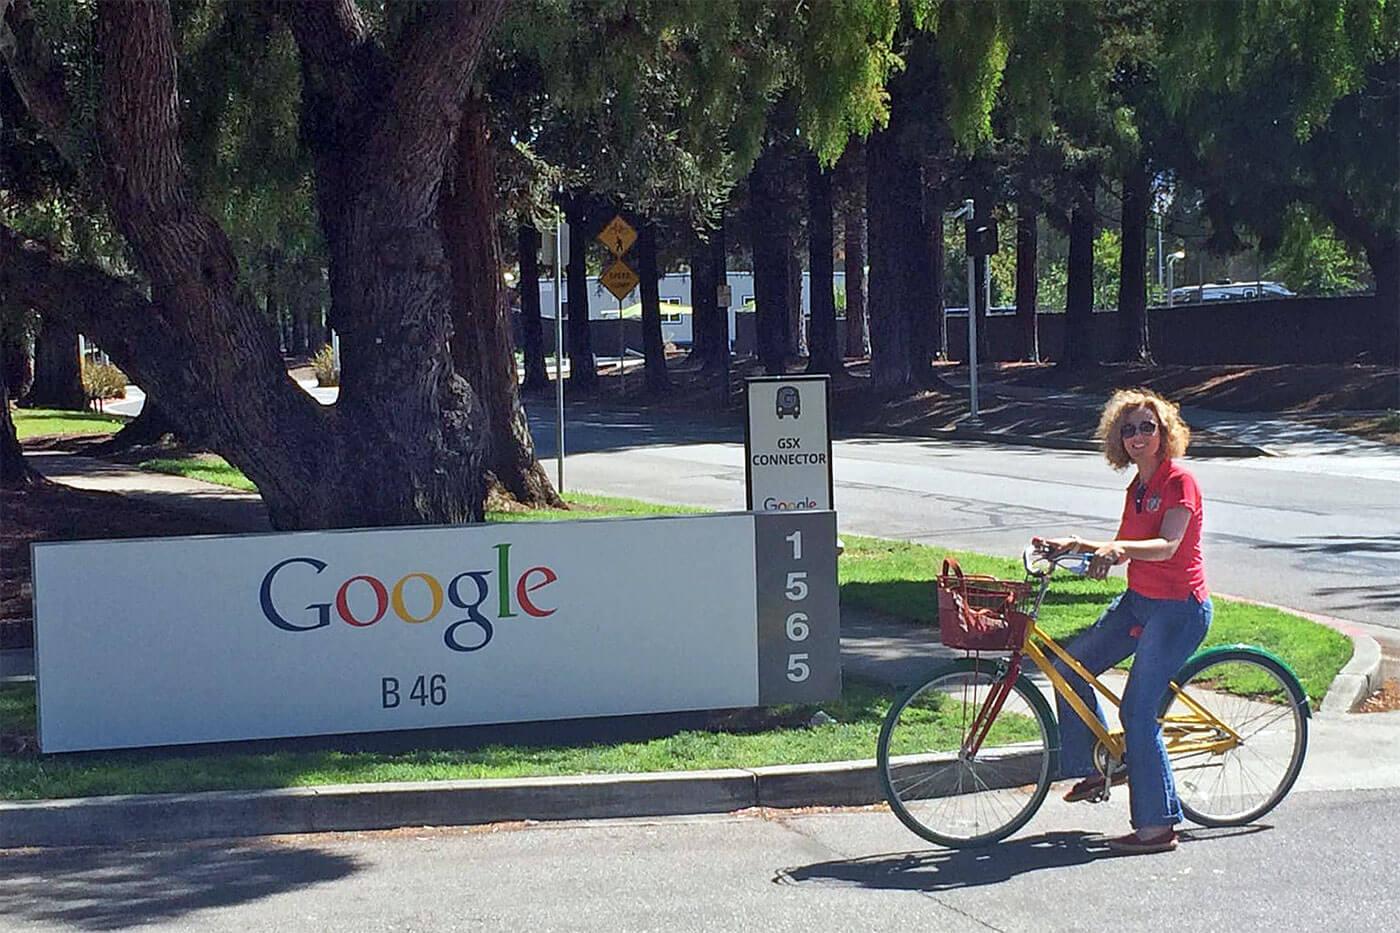 Rita Aleluia de bicicleta nas instalações do Google, nos Estados Unidos.